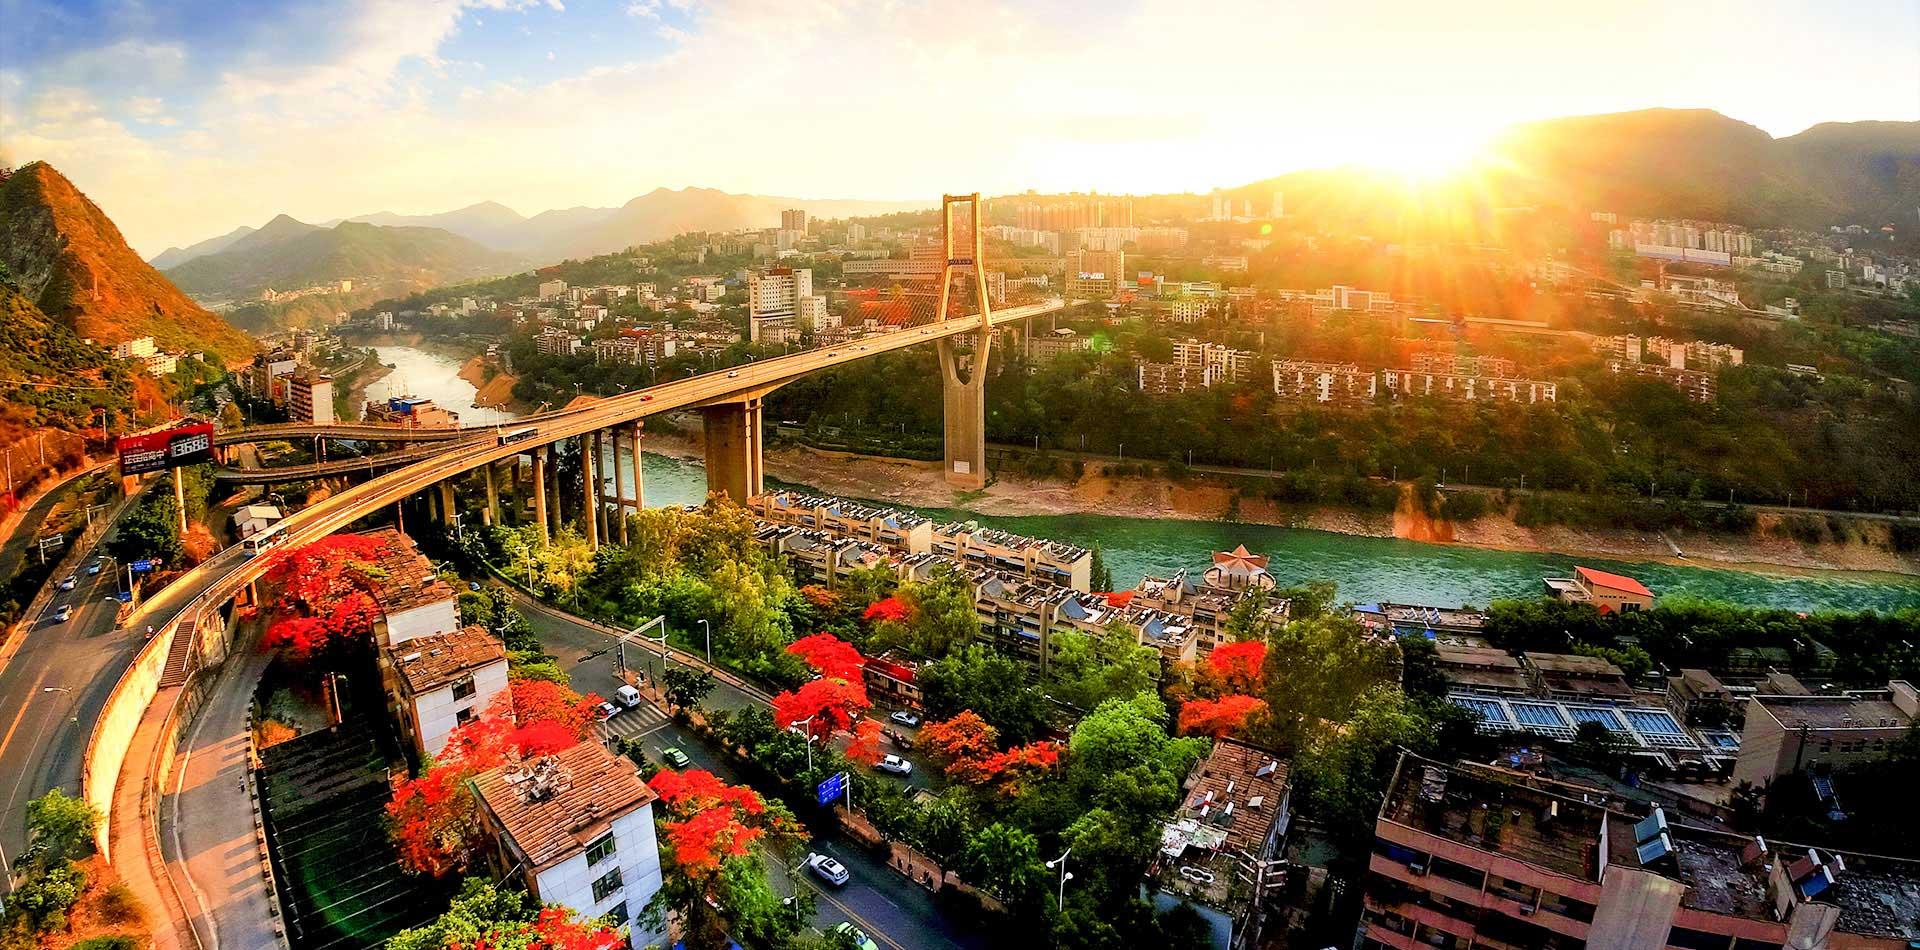 四川居住最 舒适 的城市,人均紧追成都,不是德阳也不是宜宾